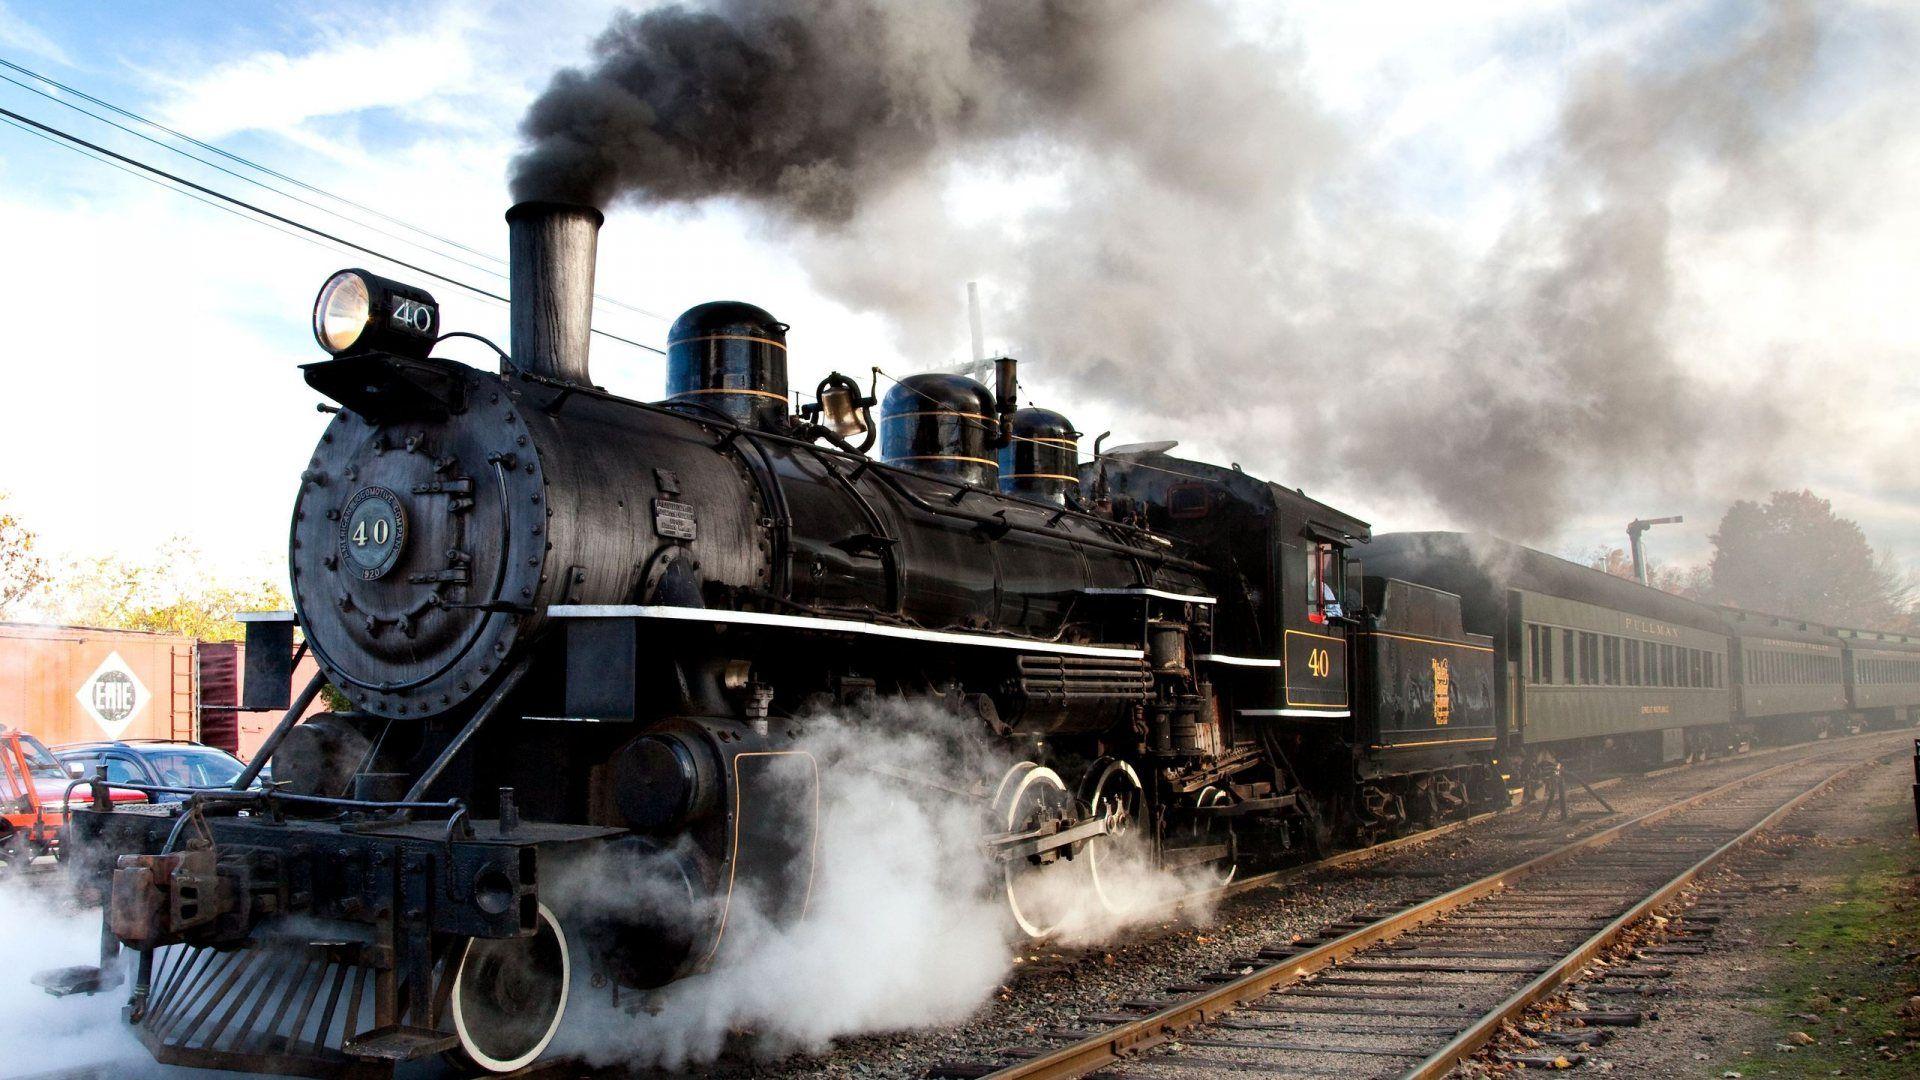 Hasil gambar untuk steam engine train